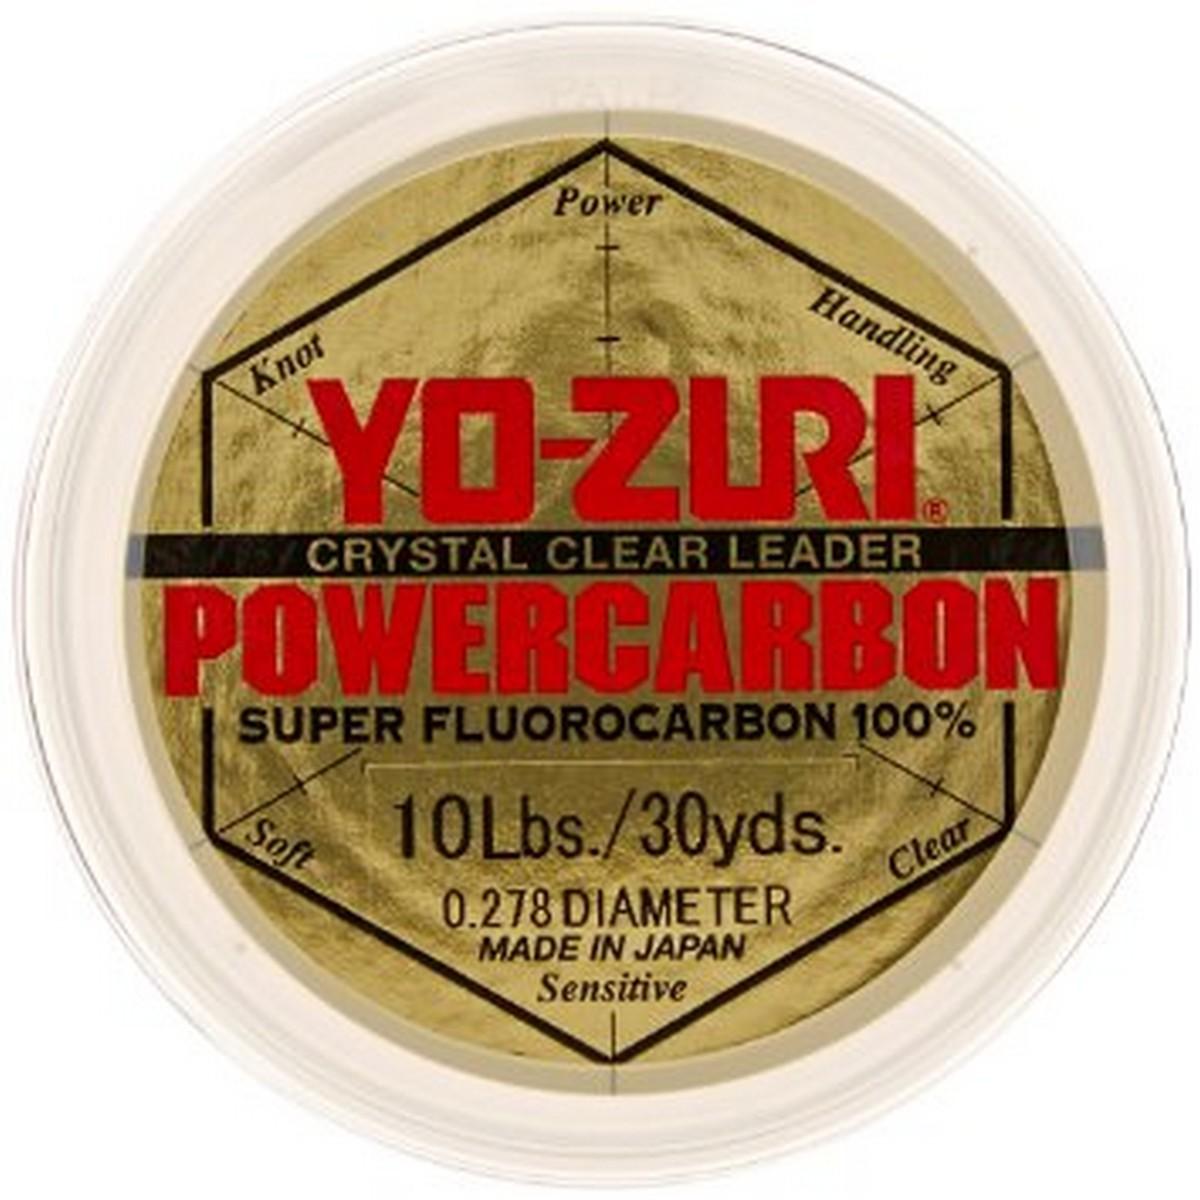 Yo-Zuri Powercarbon Fluorocarbon 30yds-0